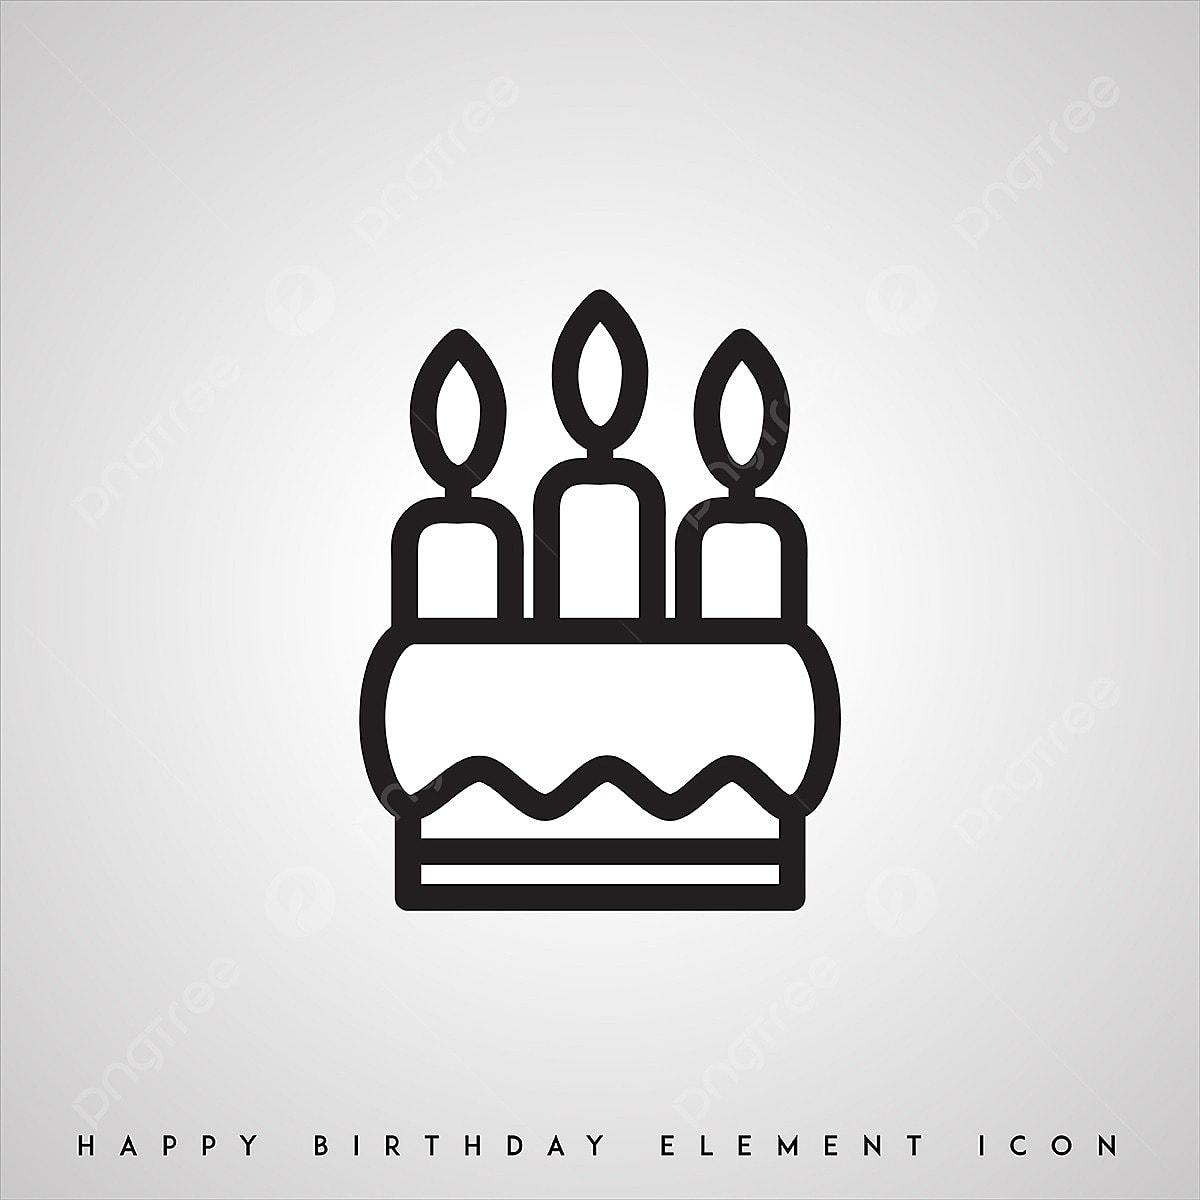 l anniversaire de noir et blanc ic u00f4nes ic u00f4ne anniversaire